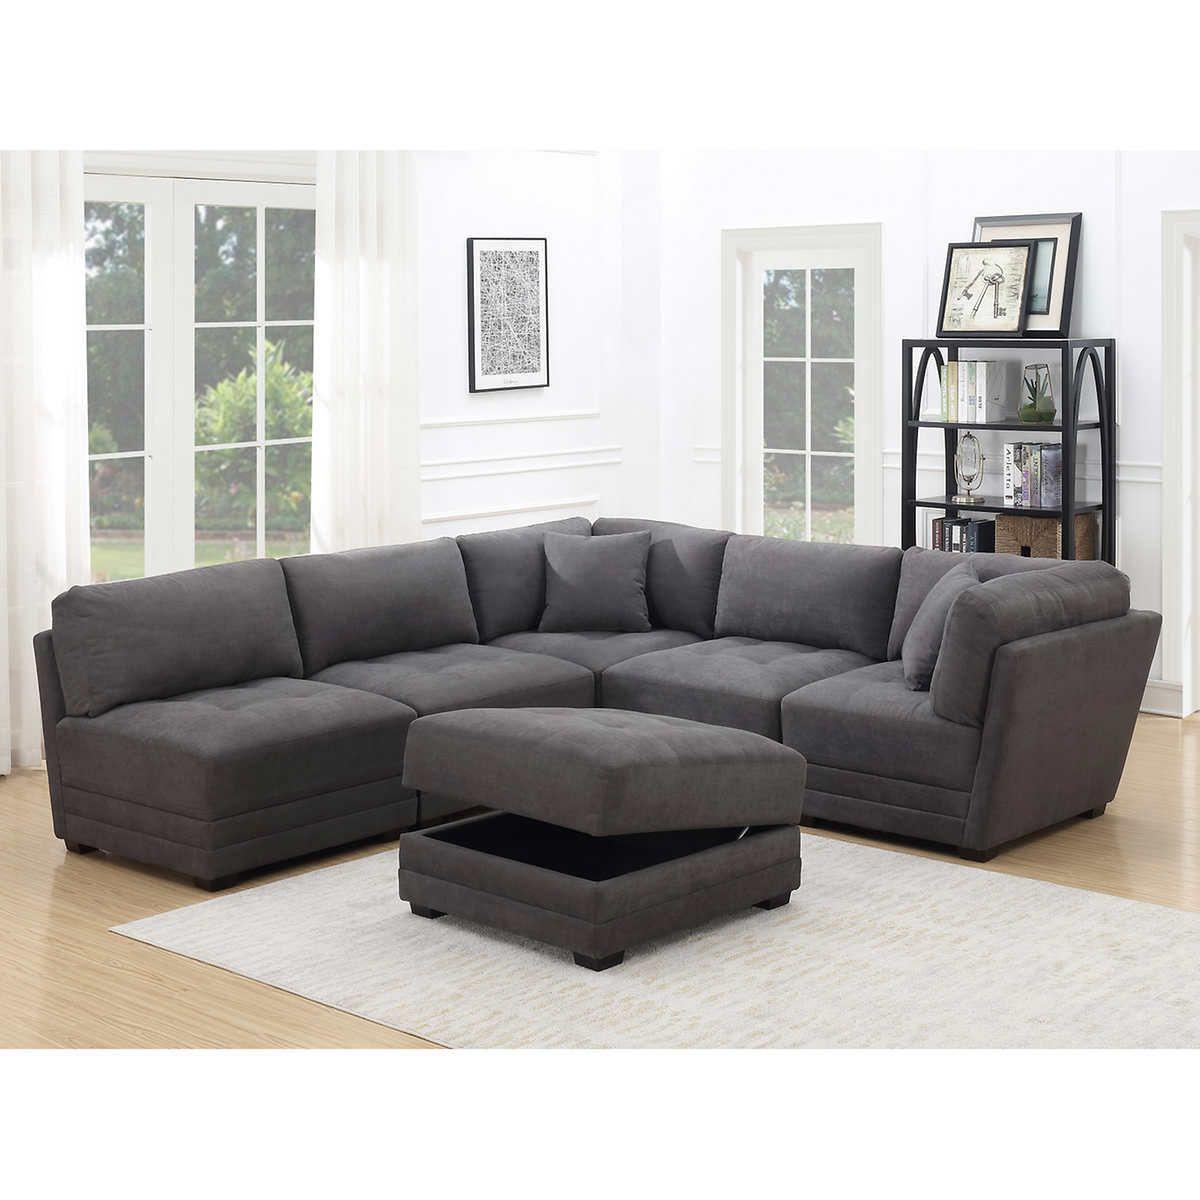 Norris 6 Piece Fabric Modular Sectional Modular Sectional Sectional Sofa Fabric Sofa Uk